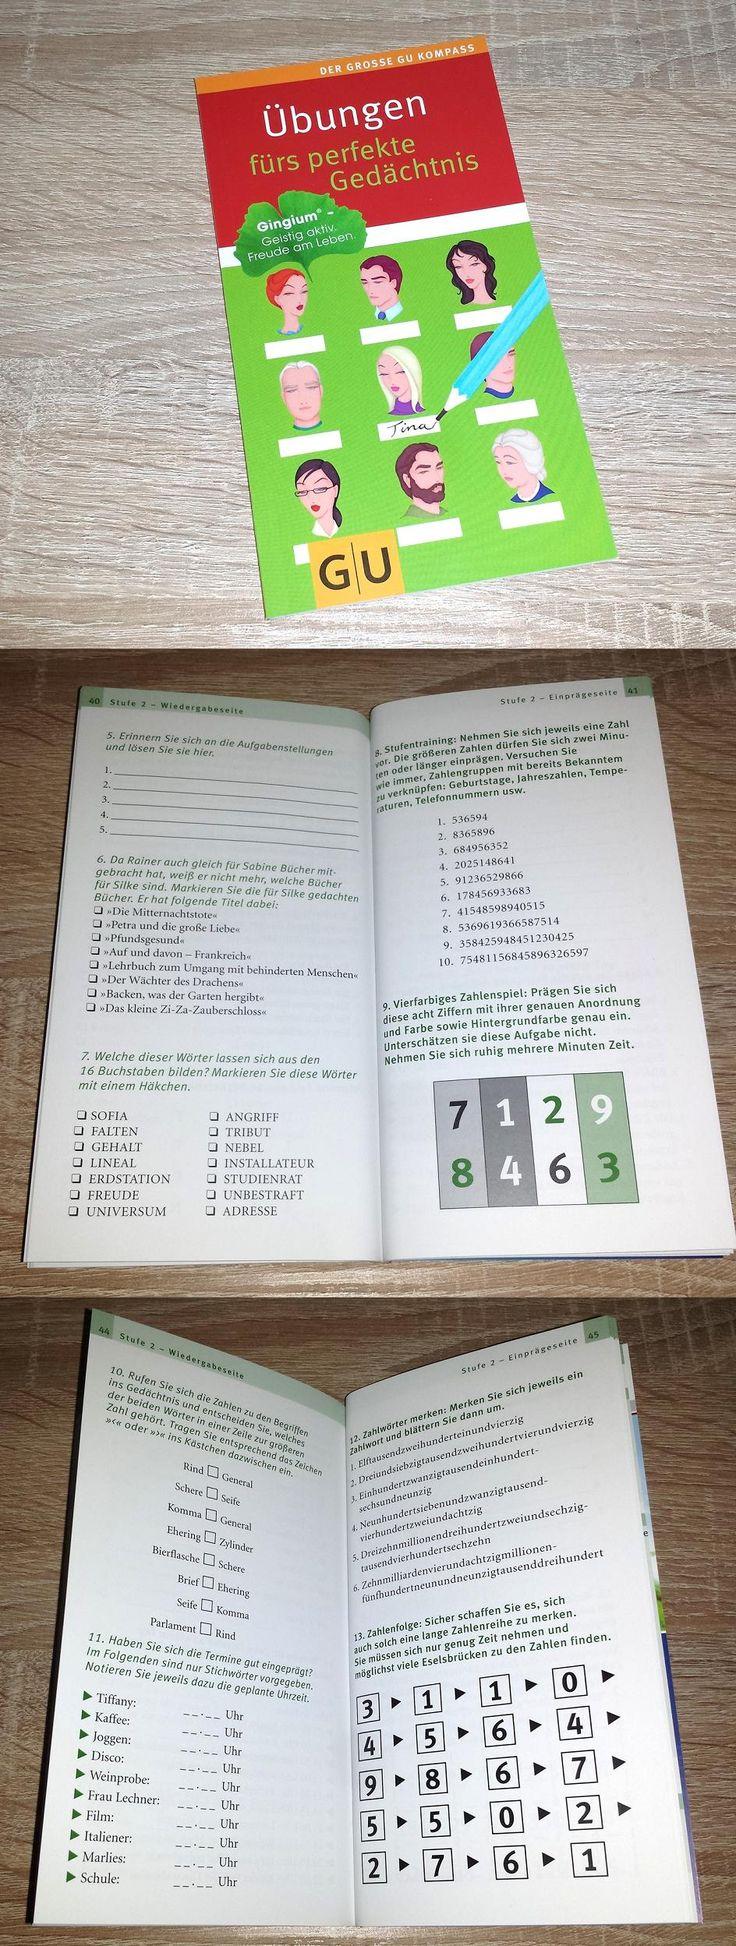 """""""Übungen fürs perfekte Gedächtnis"""", dieses Büchlein bietet einige Übungen des Buches. Dieser Auszug des kompletten Buches gibt es von Gingium. Es beinhaltet vielseitige und interessante…"""